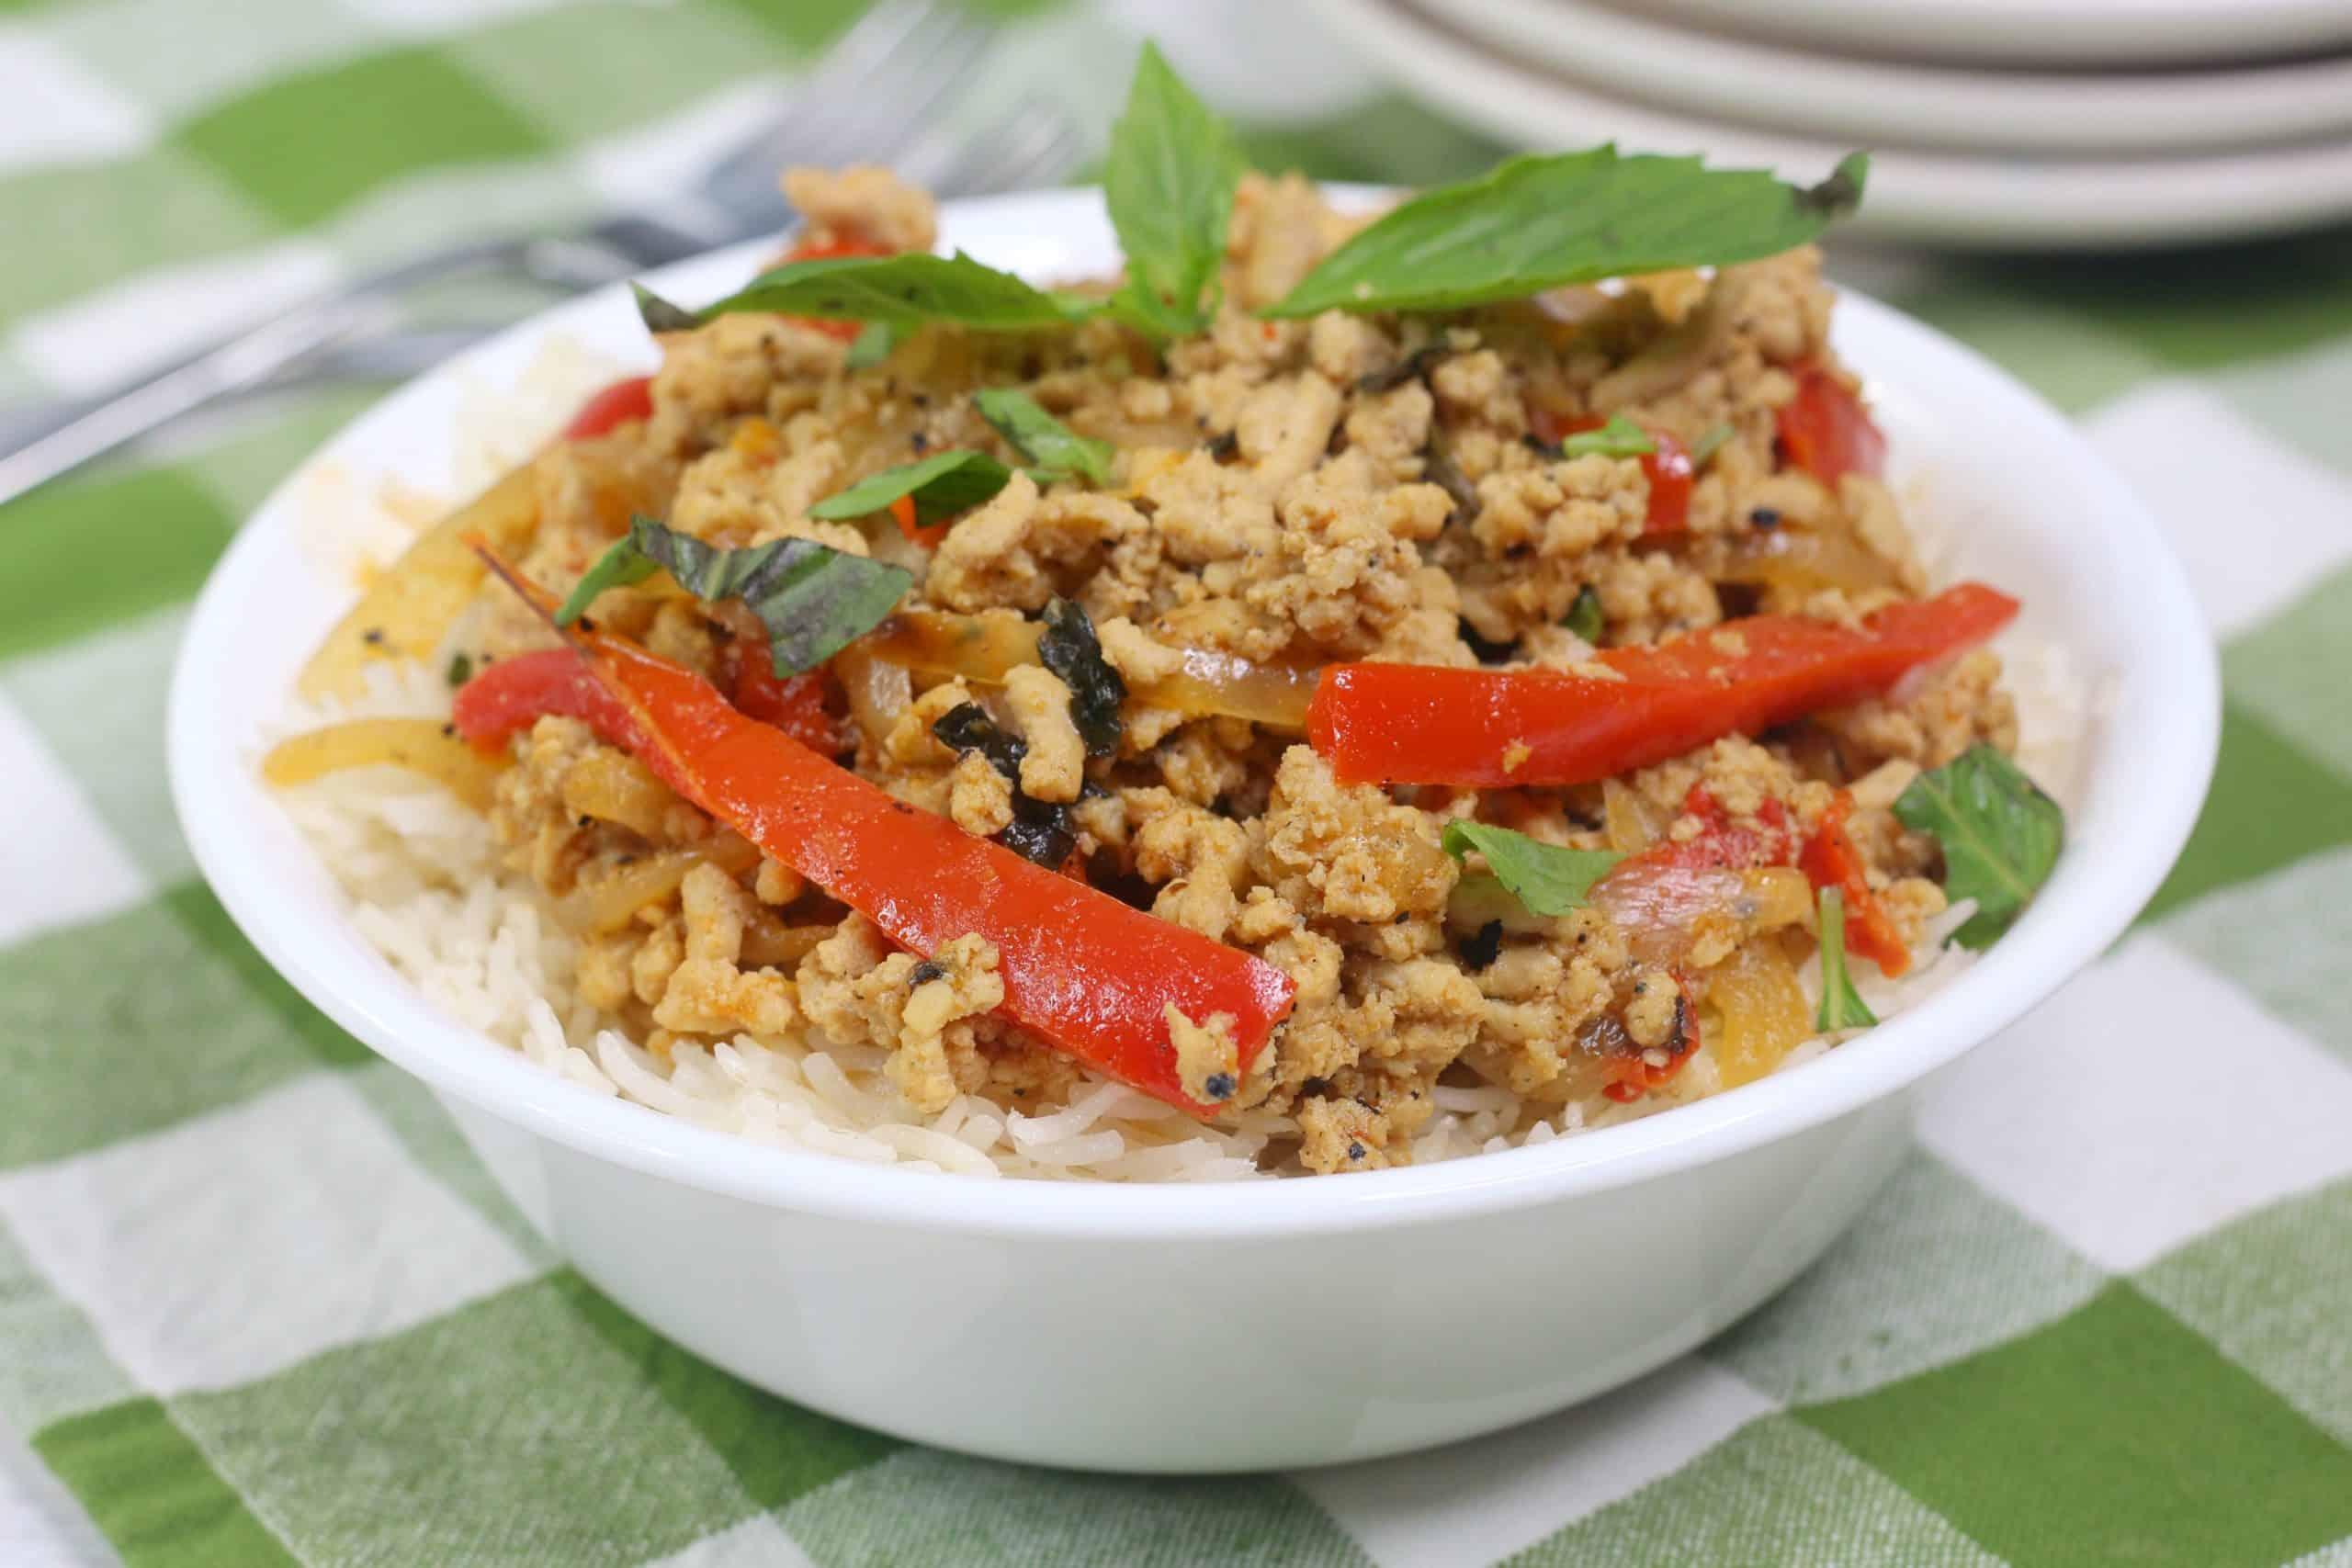 Bowl of Thai Chicken Stir Fry